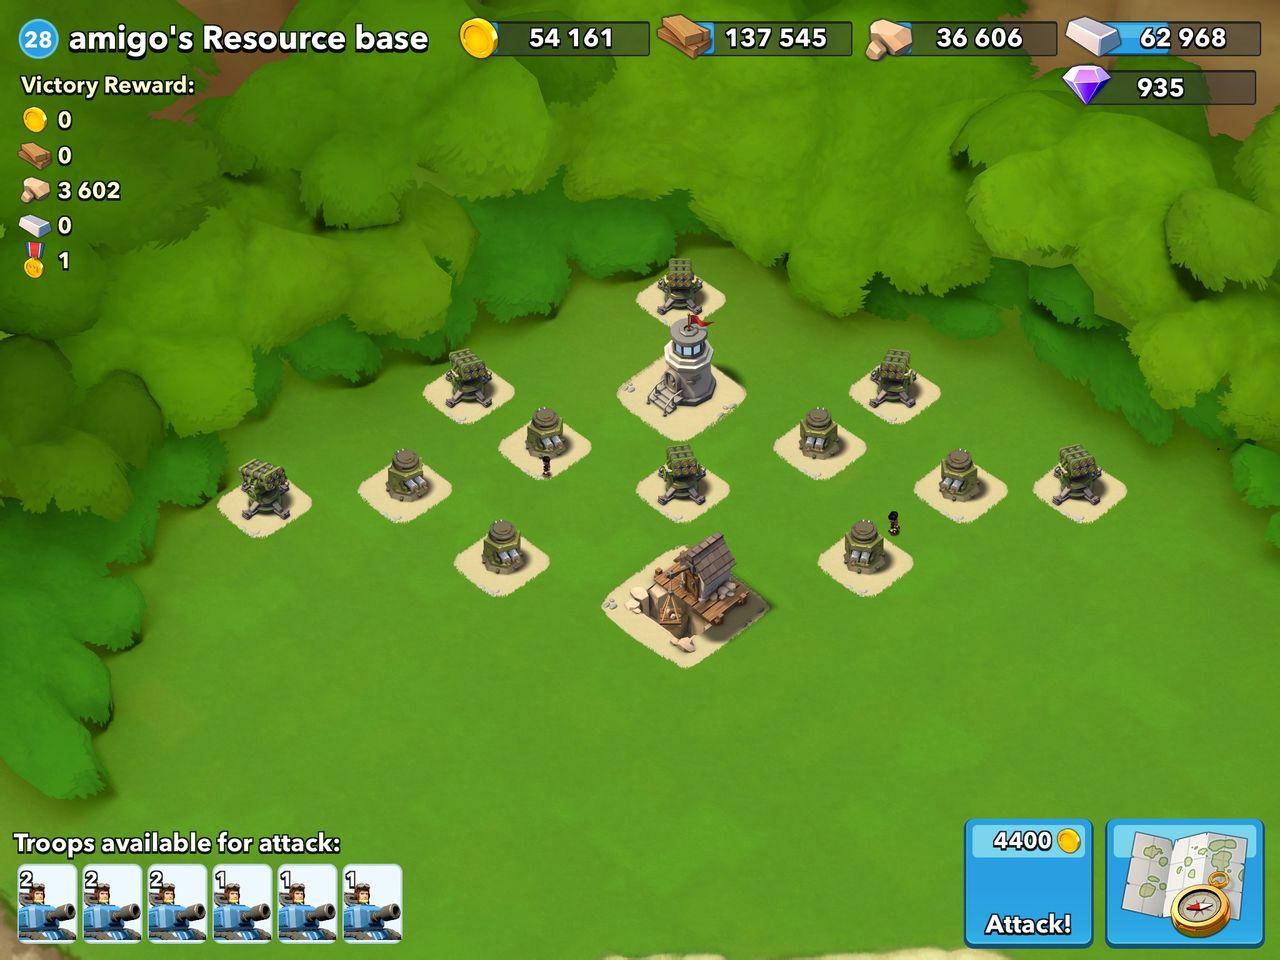 海岛奇兵 资源岛阵型